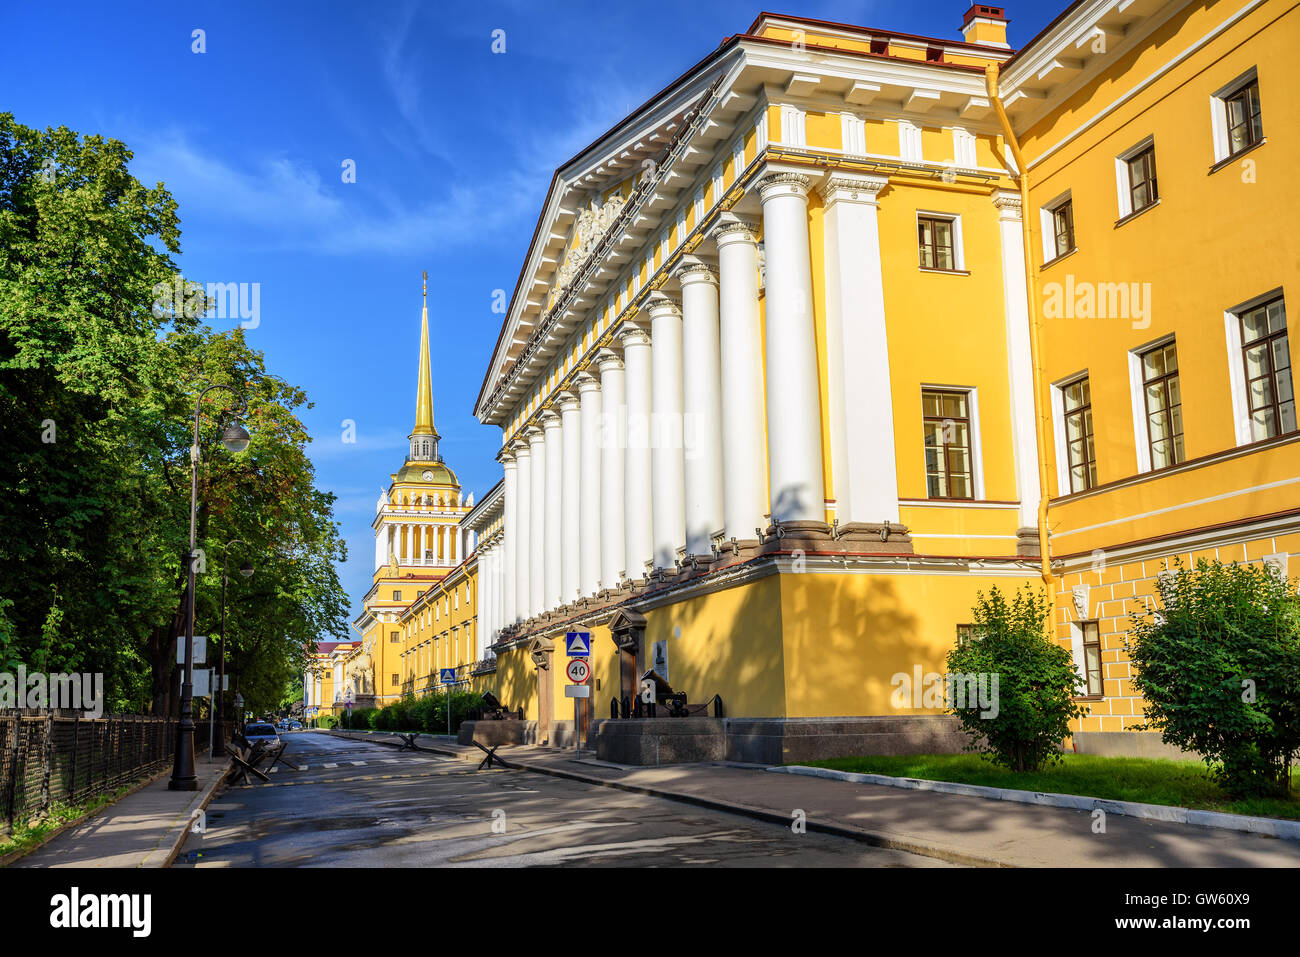 Klassizistische Admiralität Gebäude mit weißen griechischen Säulen und goldene Turmspitze ist Stockbild